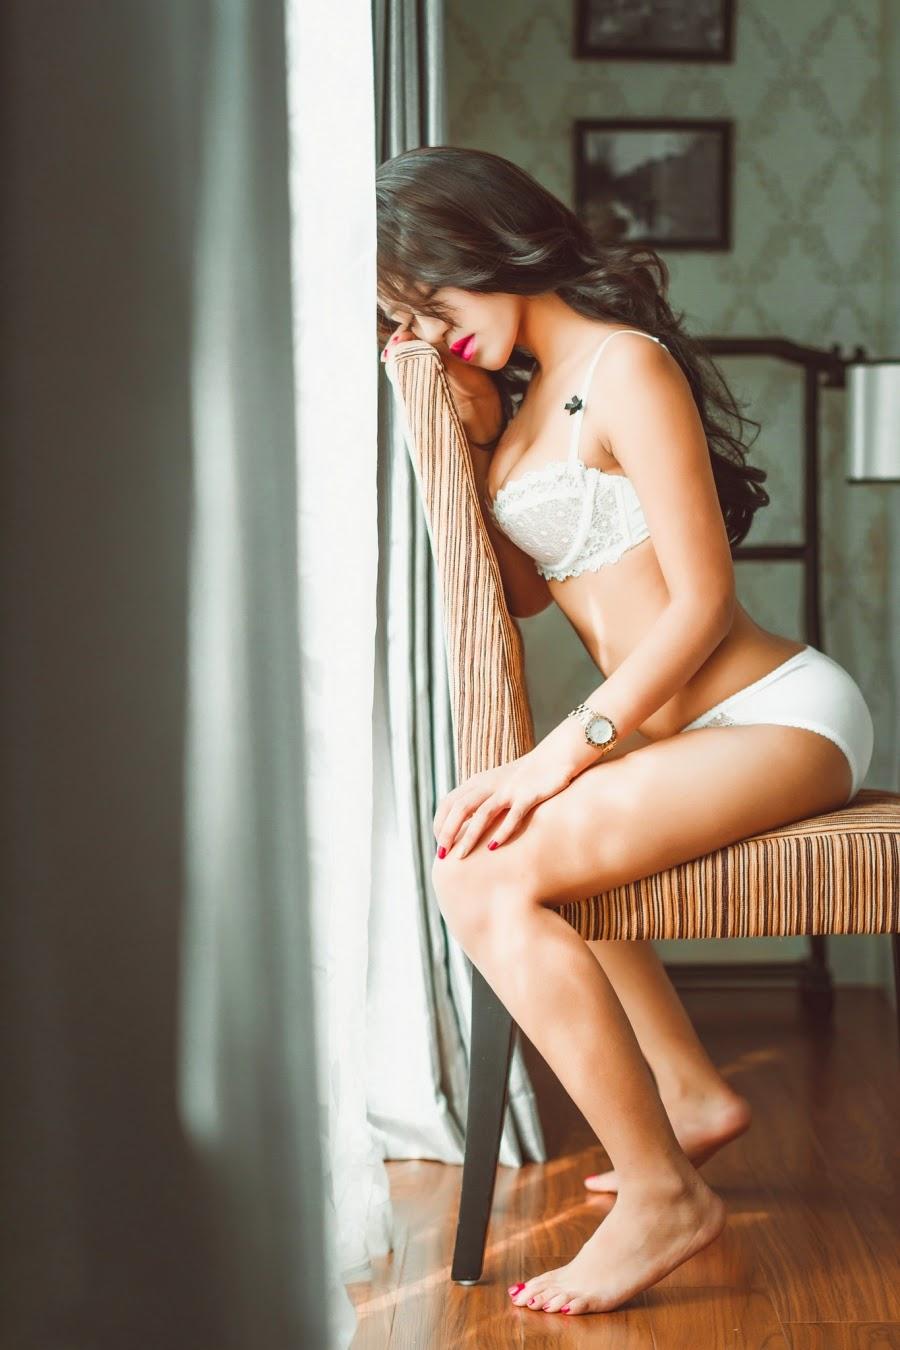 bộ ảnh bikini trắng ren đẹp quyến rũ